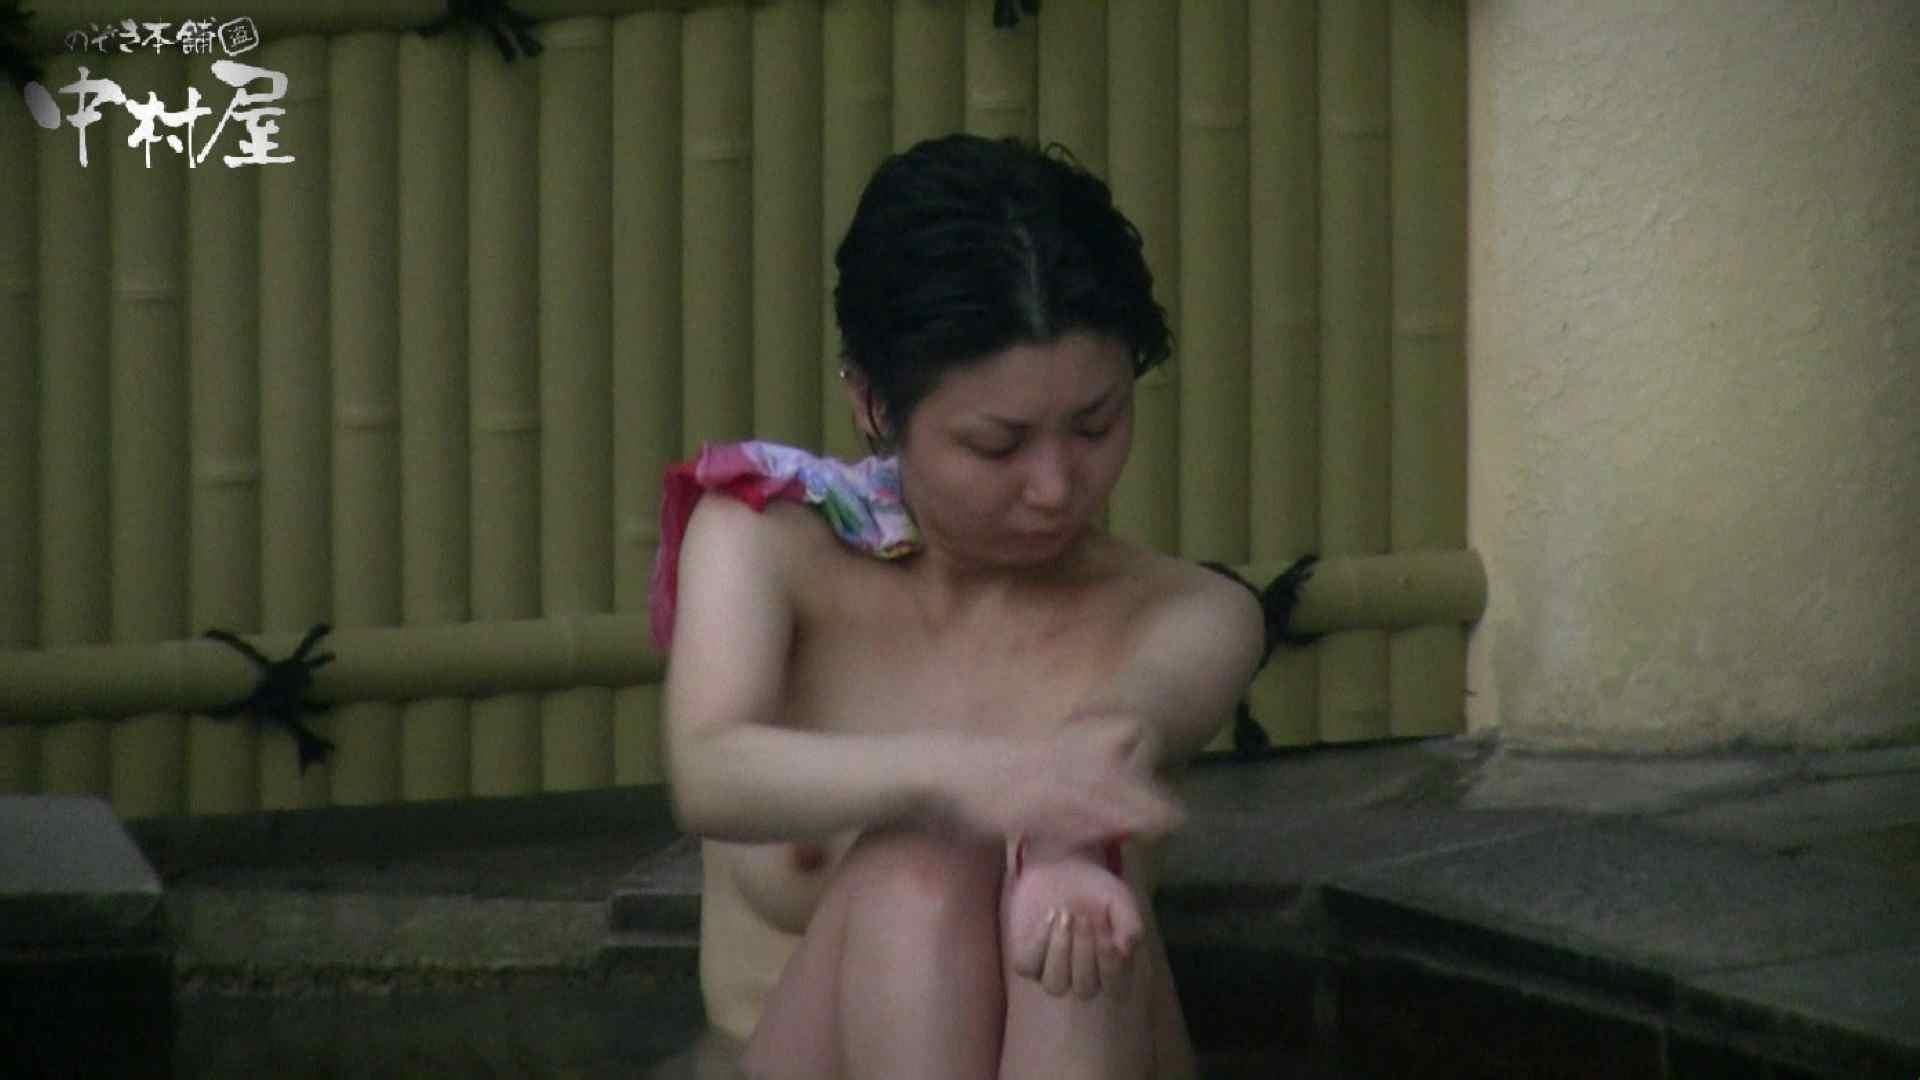 Aquaな露天風呂Vol.884 盗撮師作品 | 美しいOLの裸体  92pic 37